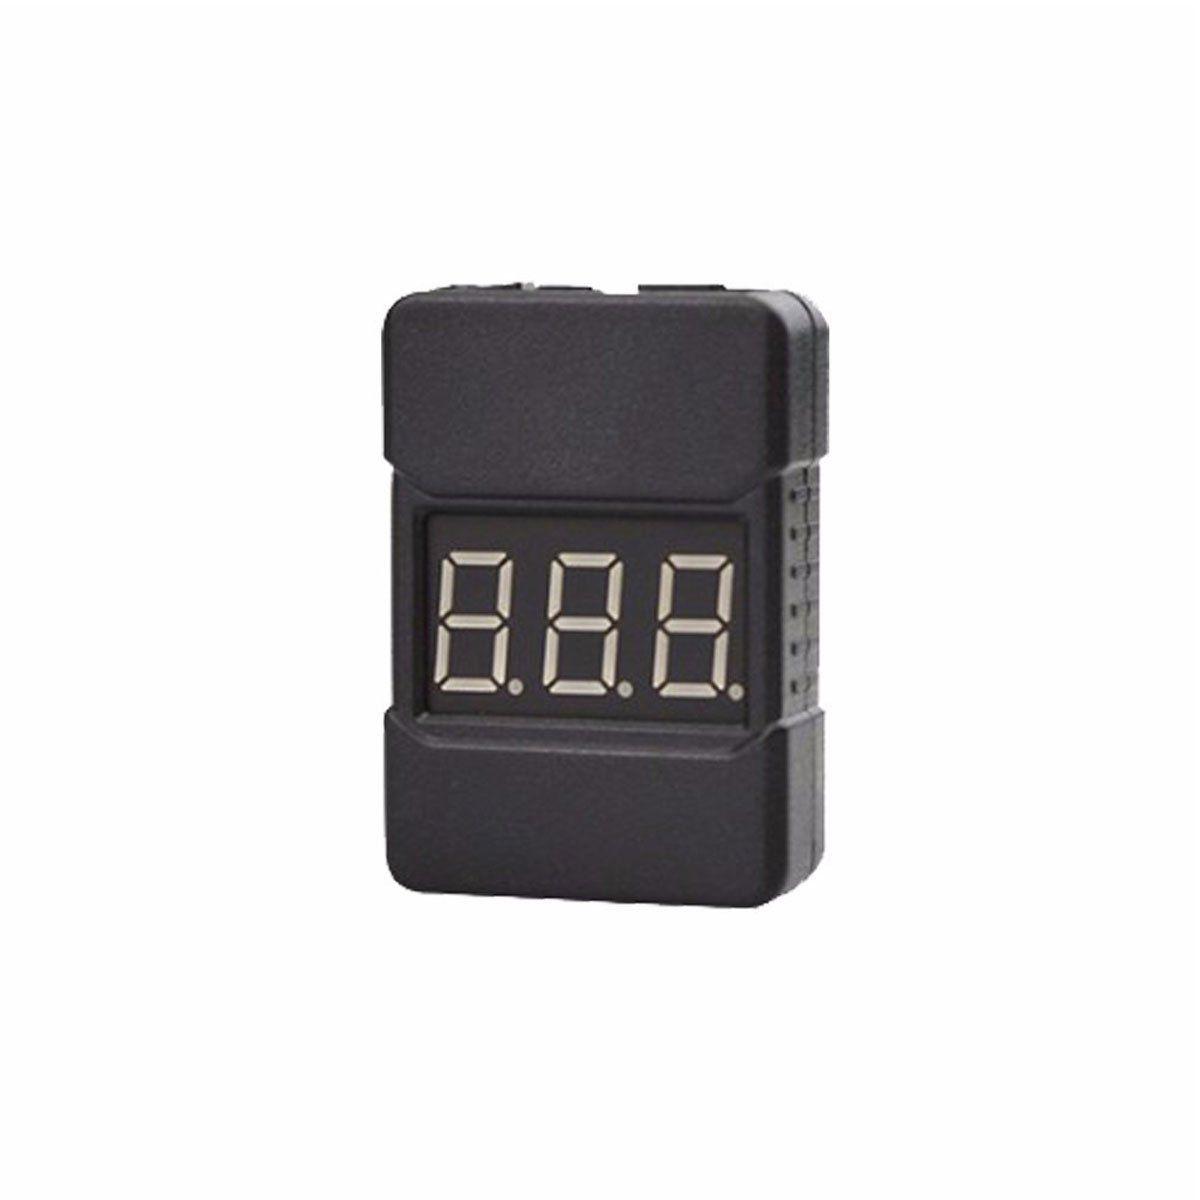 Alarme de Voltagem de Bateria Leão 1S8S